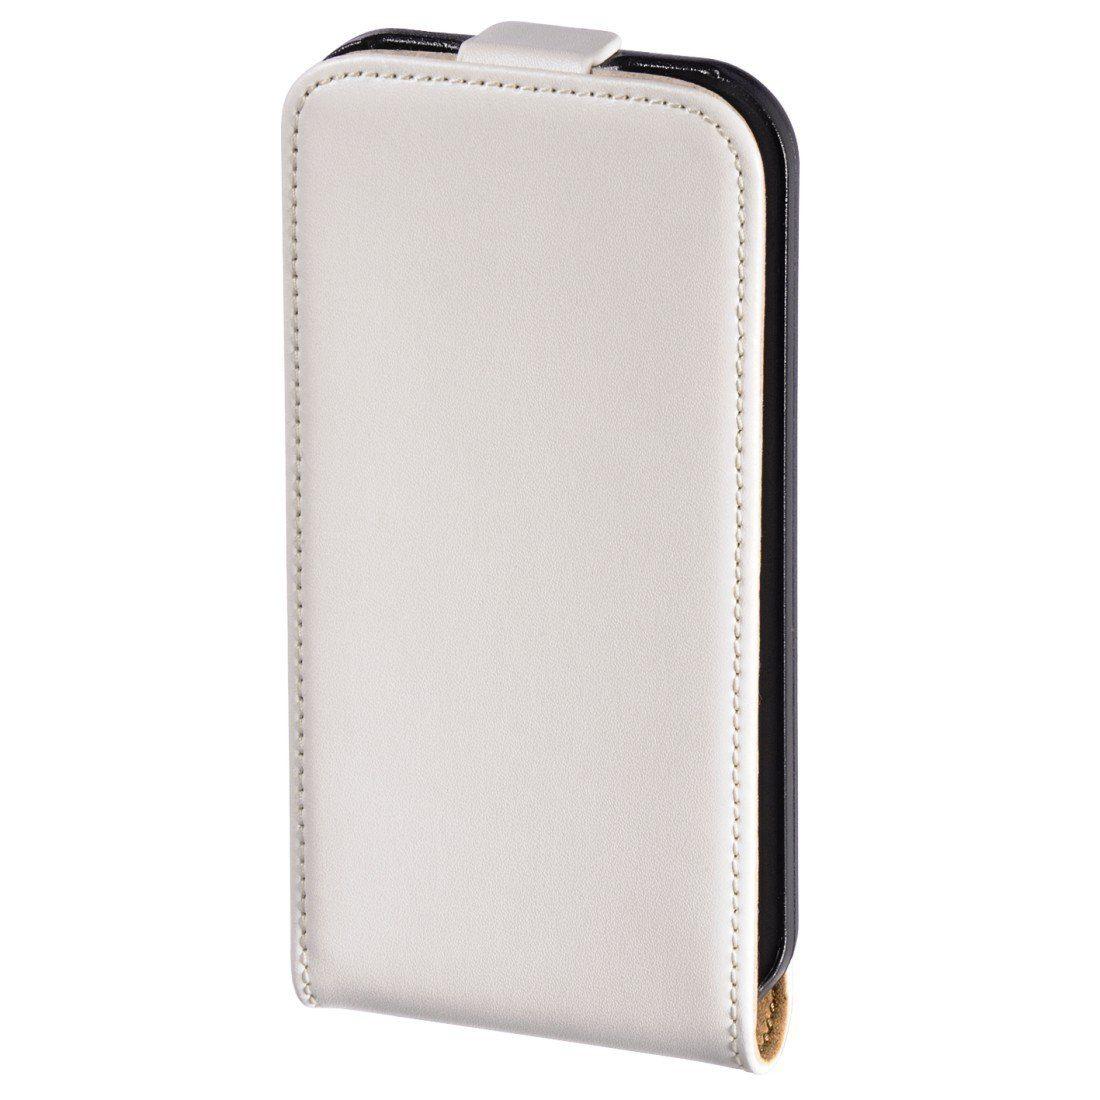 Hama Flap-Tasche Frame für Apple iPhone 4/4S, Weiß